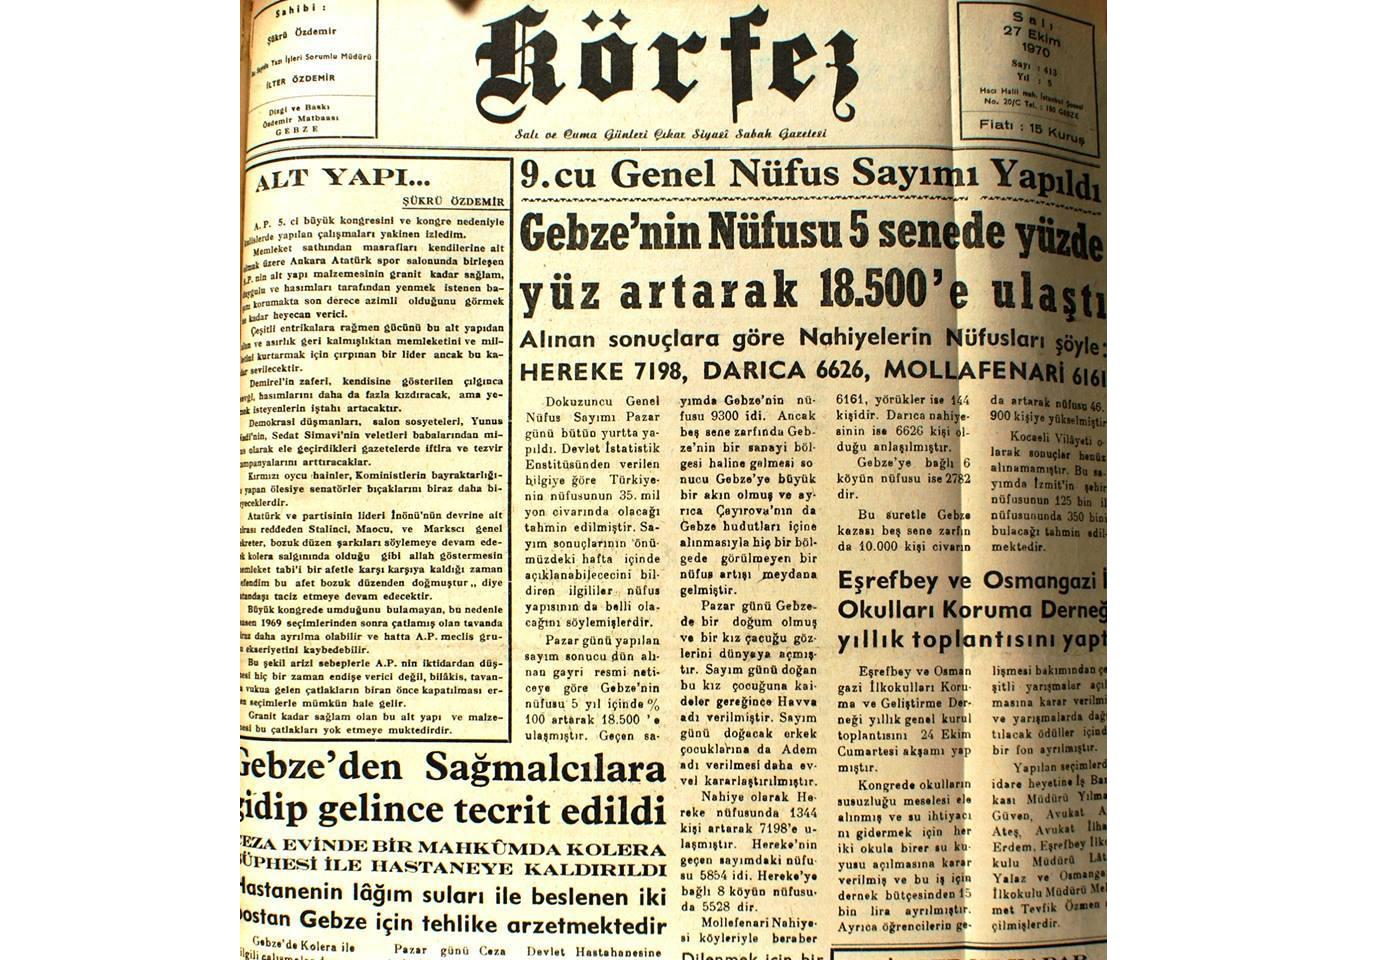 47 YIL ÖNCE NÜFUSUMUZ 18.500